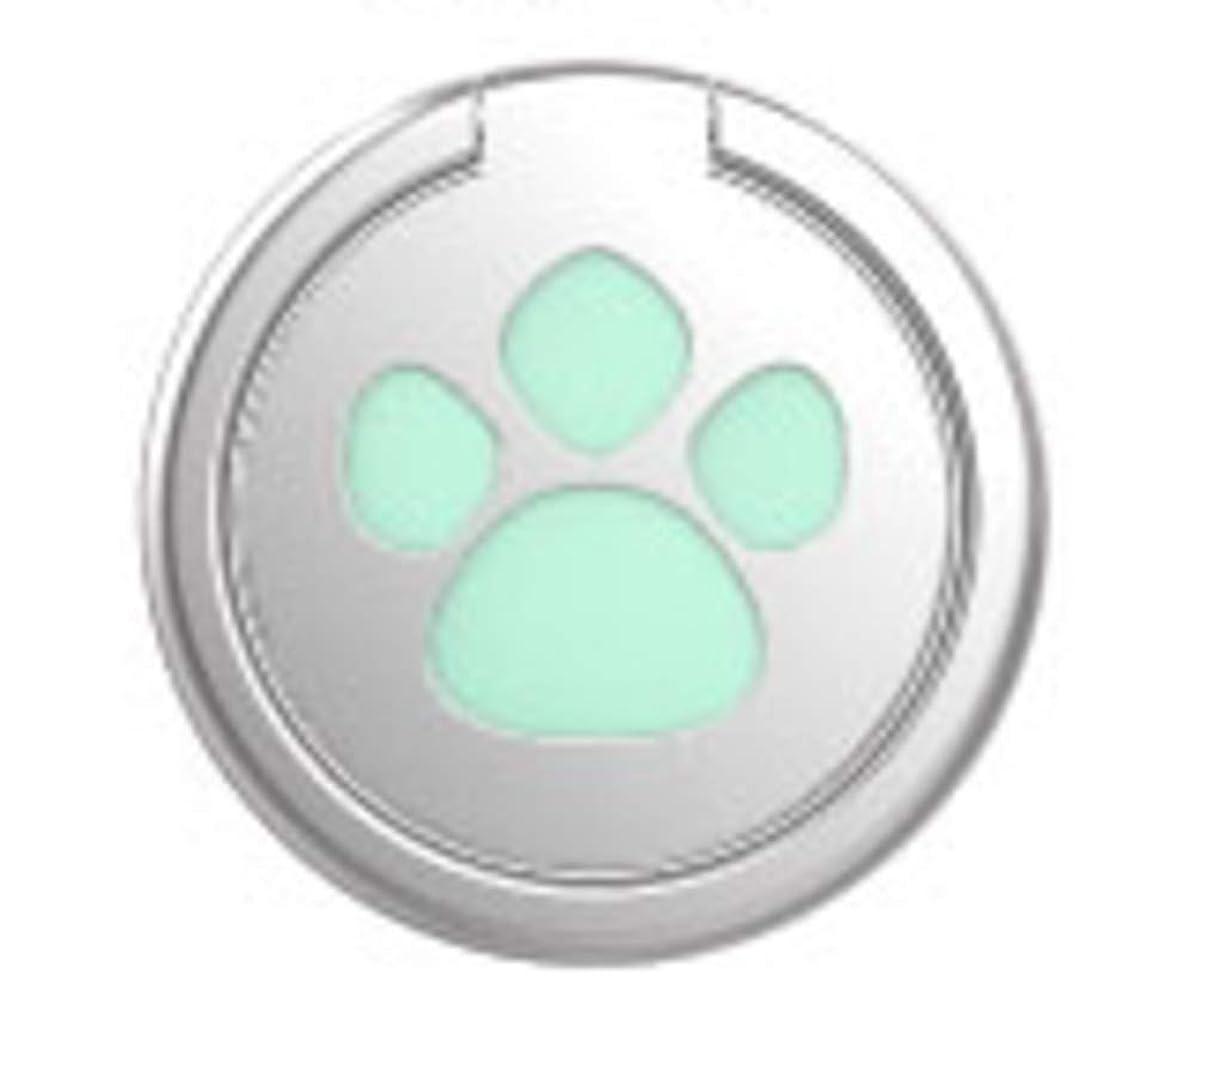 柔らかい早くレキシコンKUBIRA(クビラ) 2点セット スマホリング バンカーリング リング 猫 ねこ ネコ 肉球 にくきゅう ピンク & グリーン 1907aku1020 (グリーン2個)